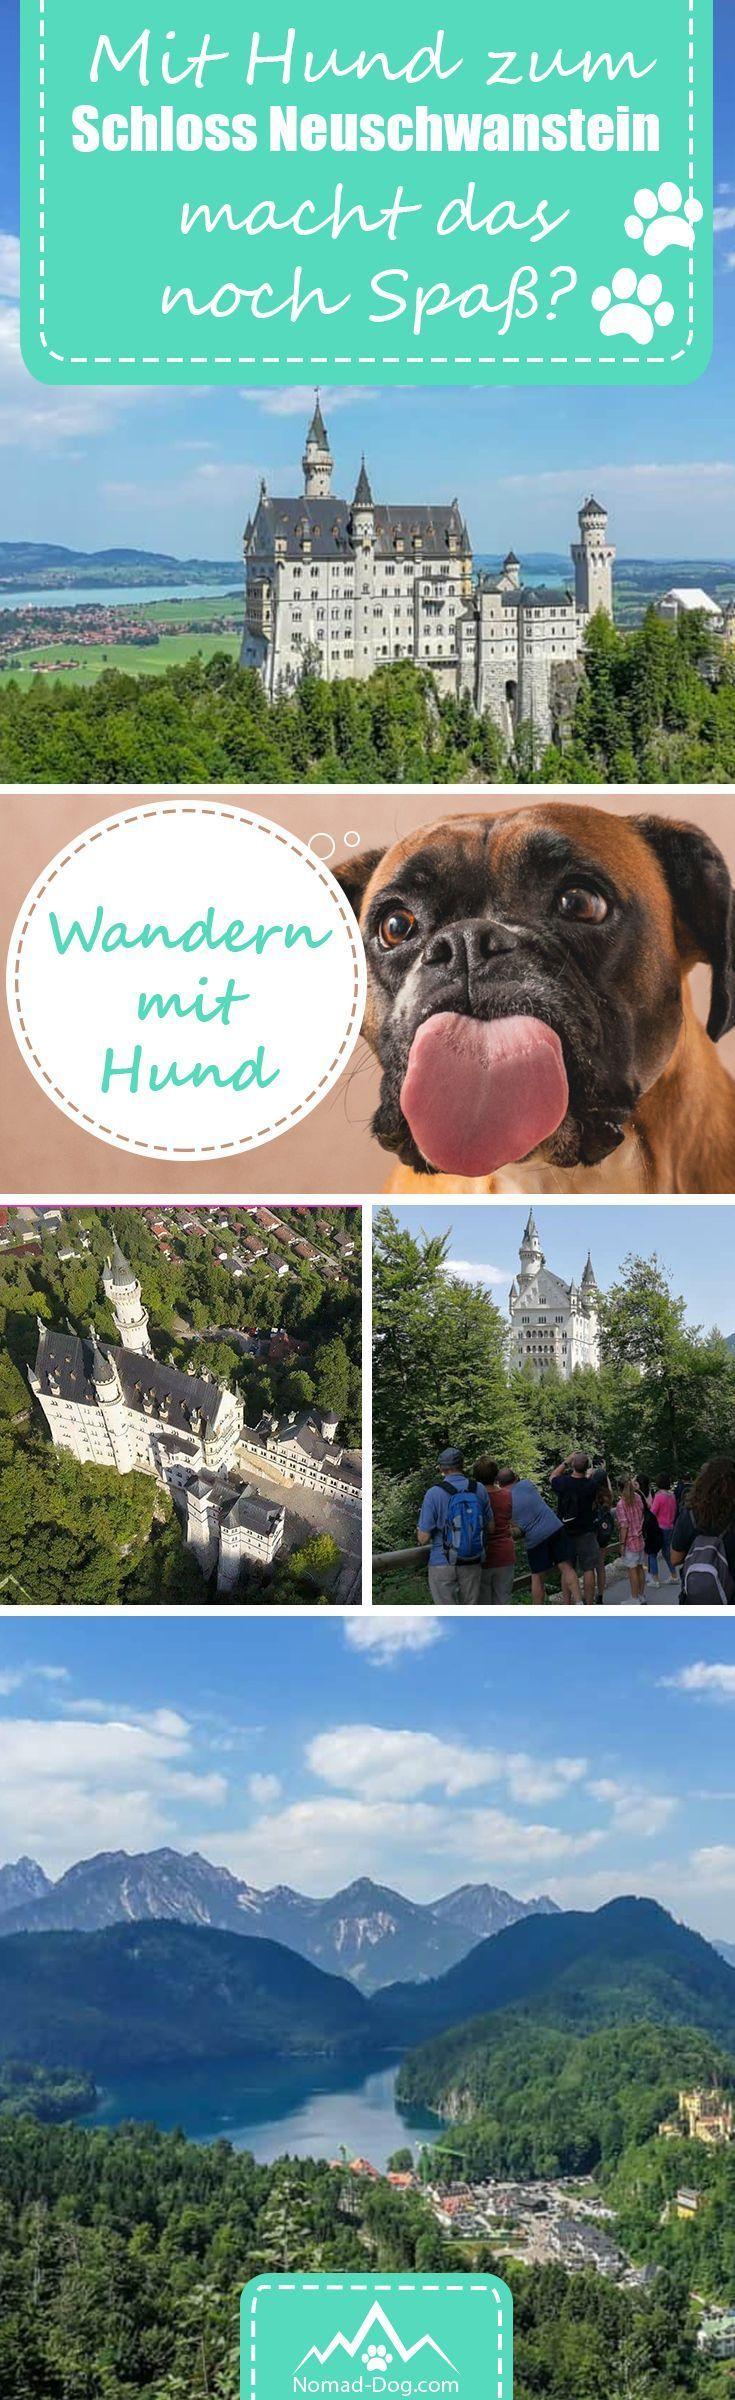 Neuschwanstein Mit Hund Macht Das Noch Spass Abenteuerurlaub Hunde Ausflug